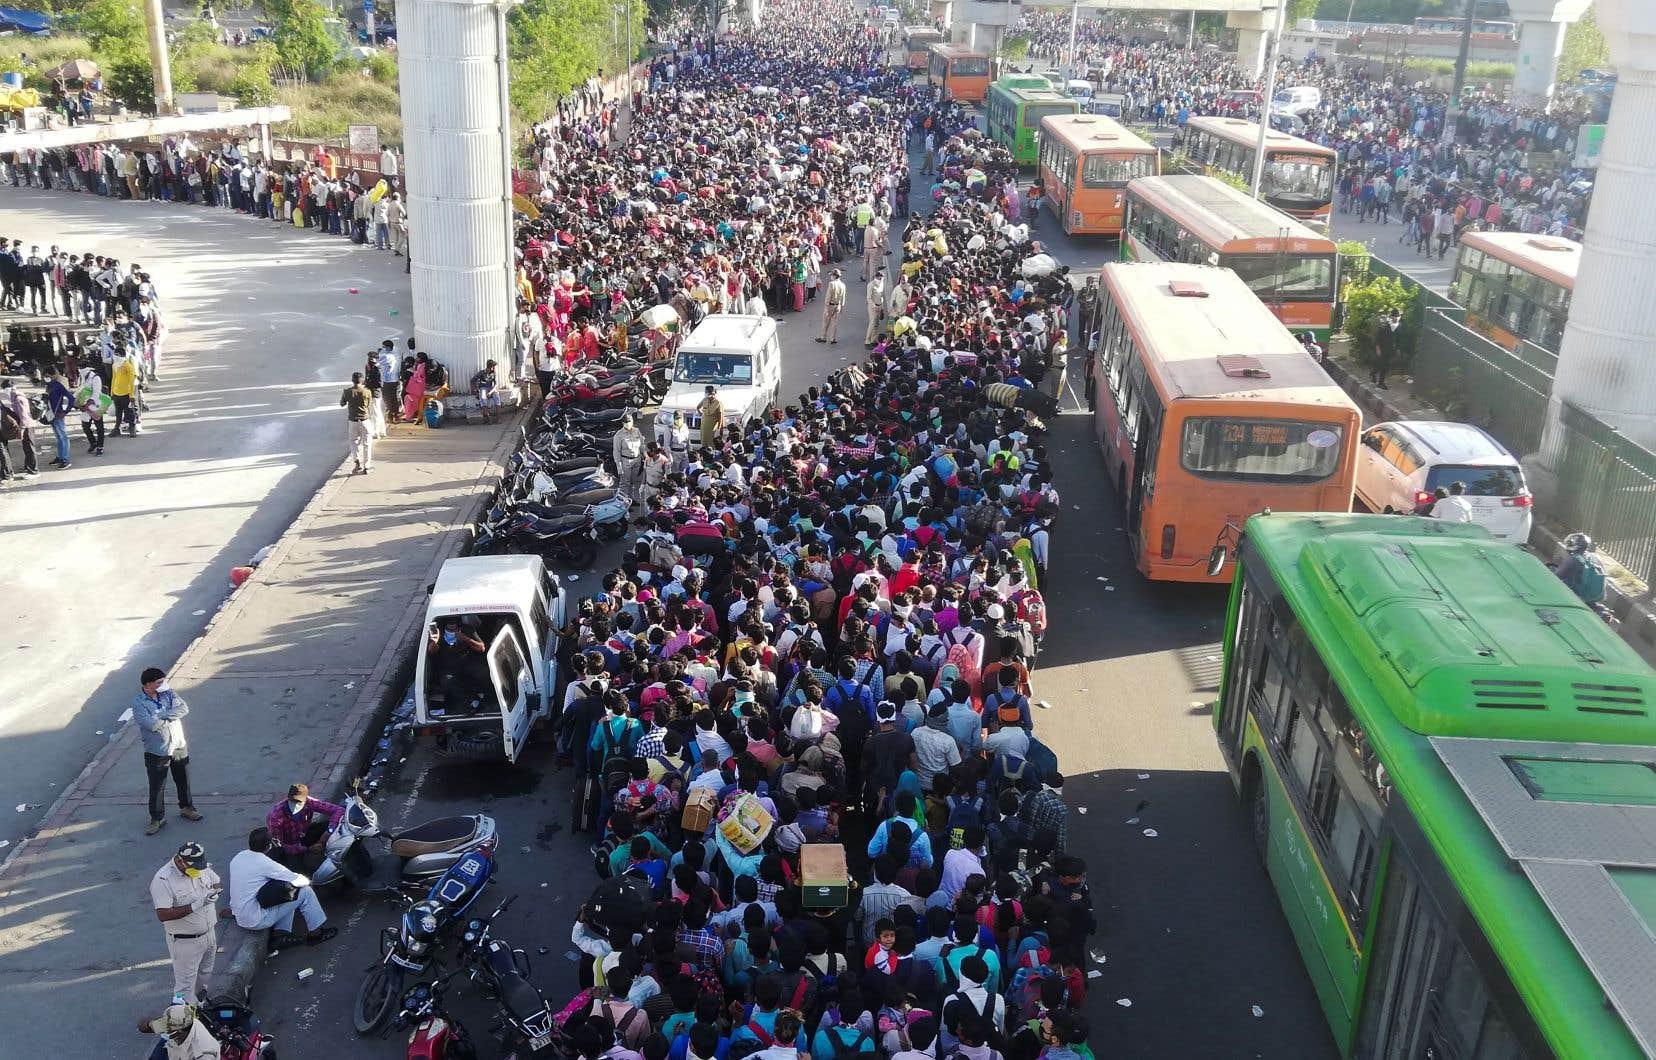 À la suite de mesures de confinement à New Delhi, des dizaines milliers de travailleurs migrants sont contraints de regagner leur village dans le chaos le plus total.